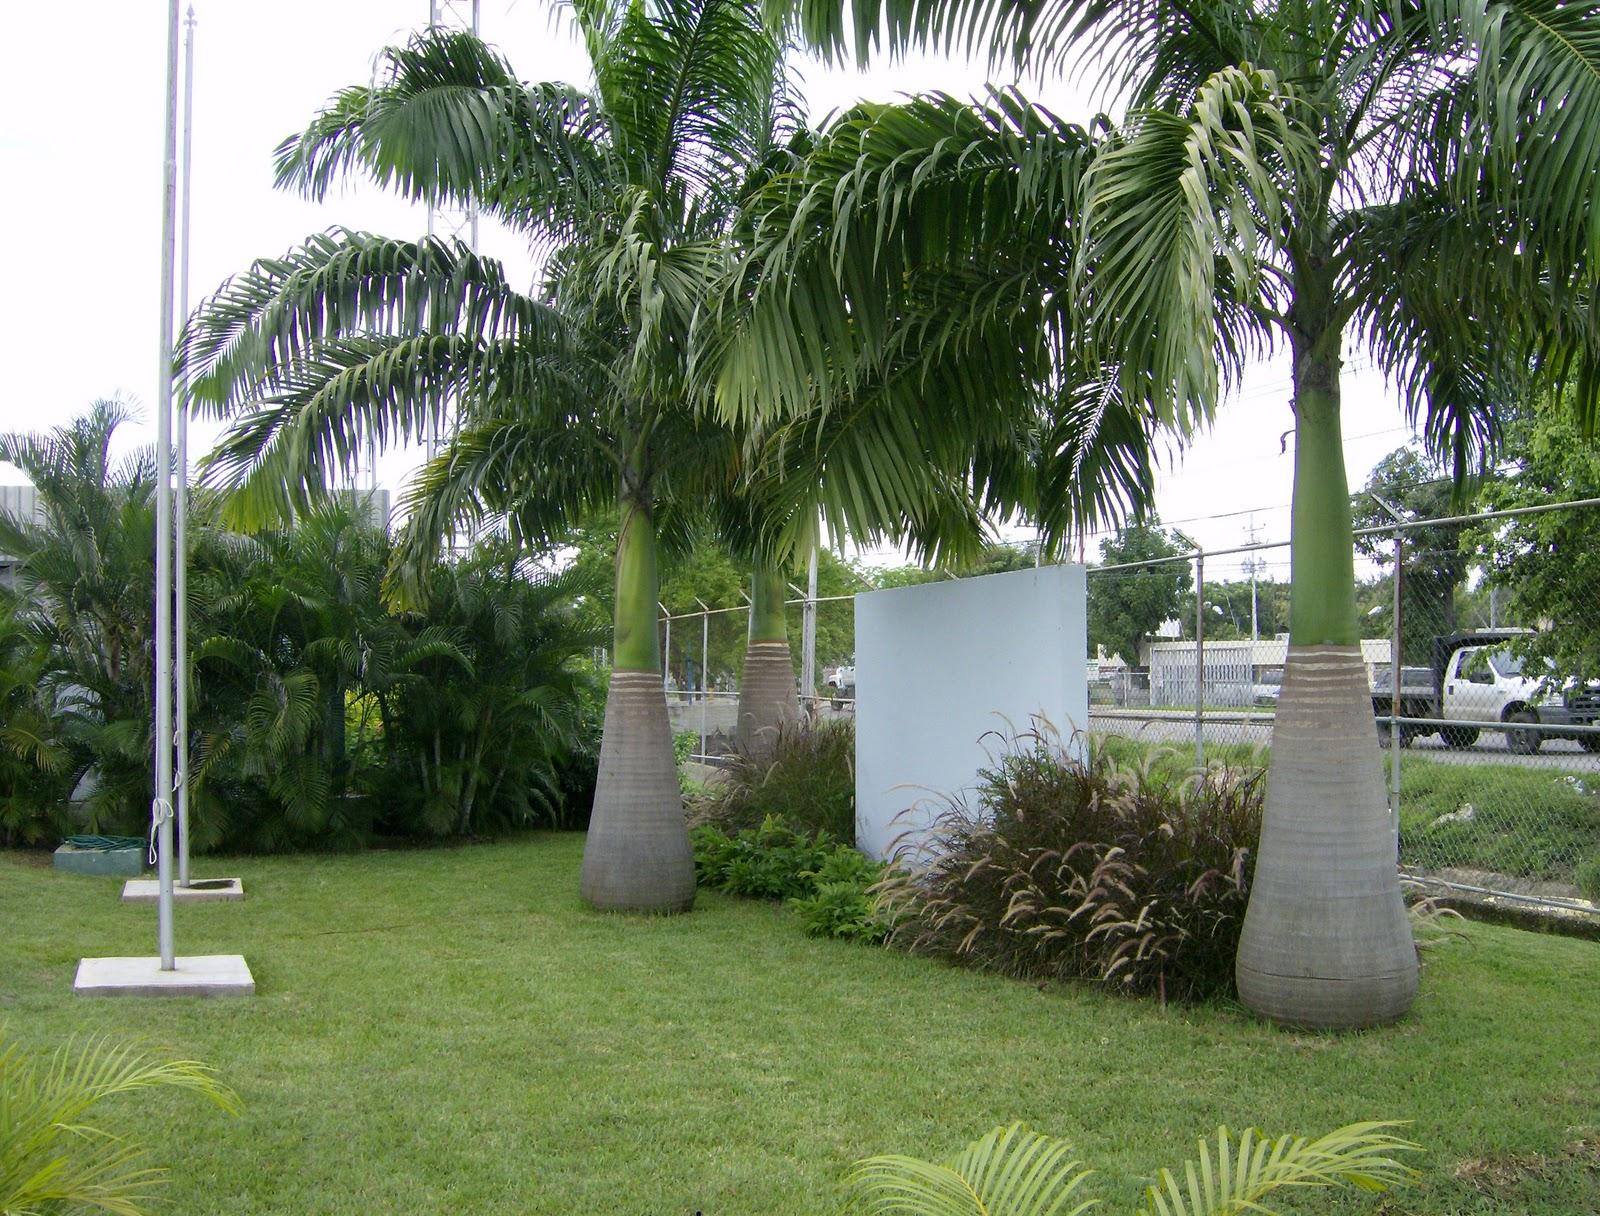 Jard n bamb c a jardines de energyworks venezuela s a for Jardin bambu